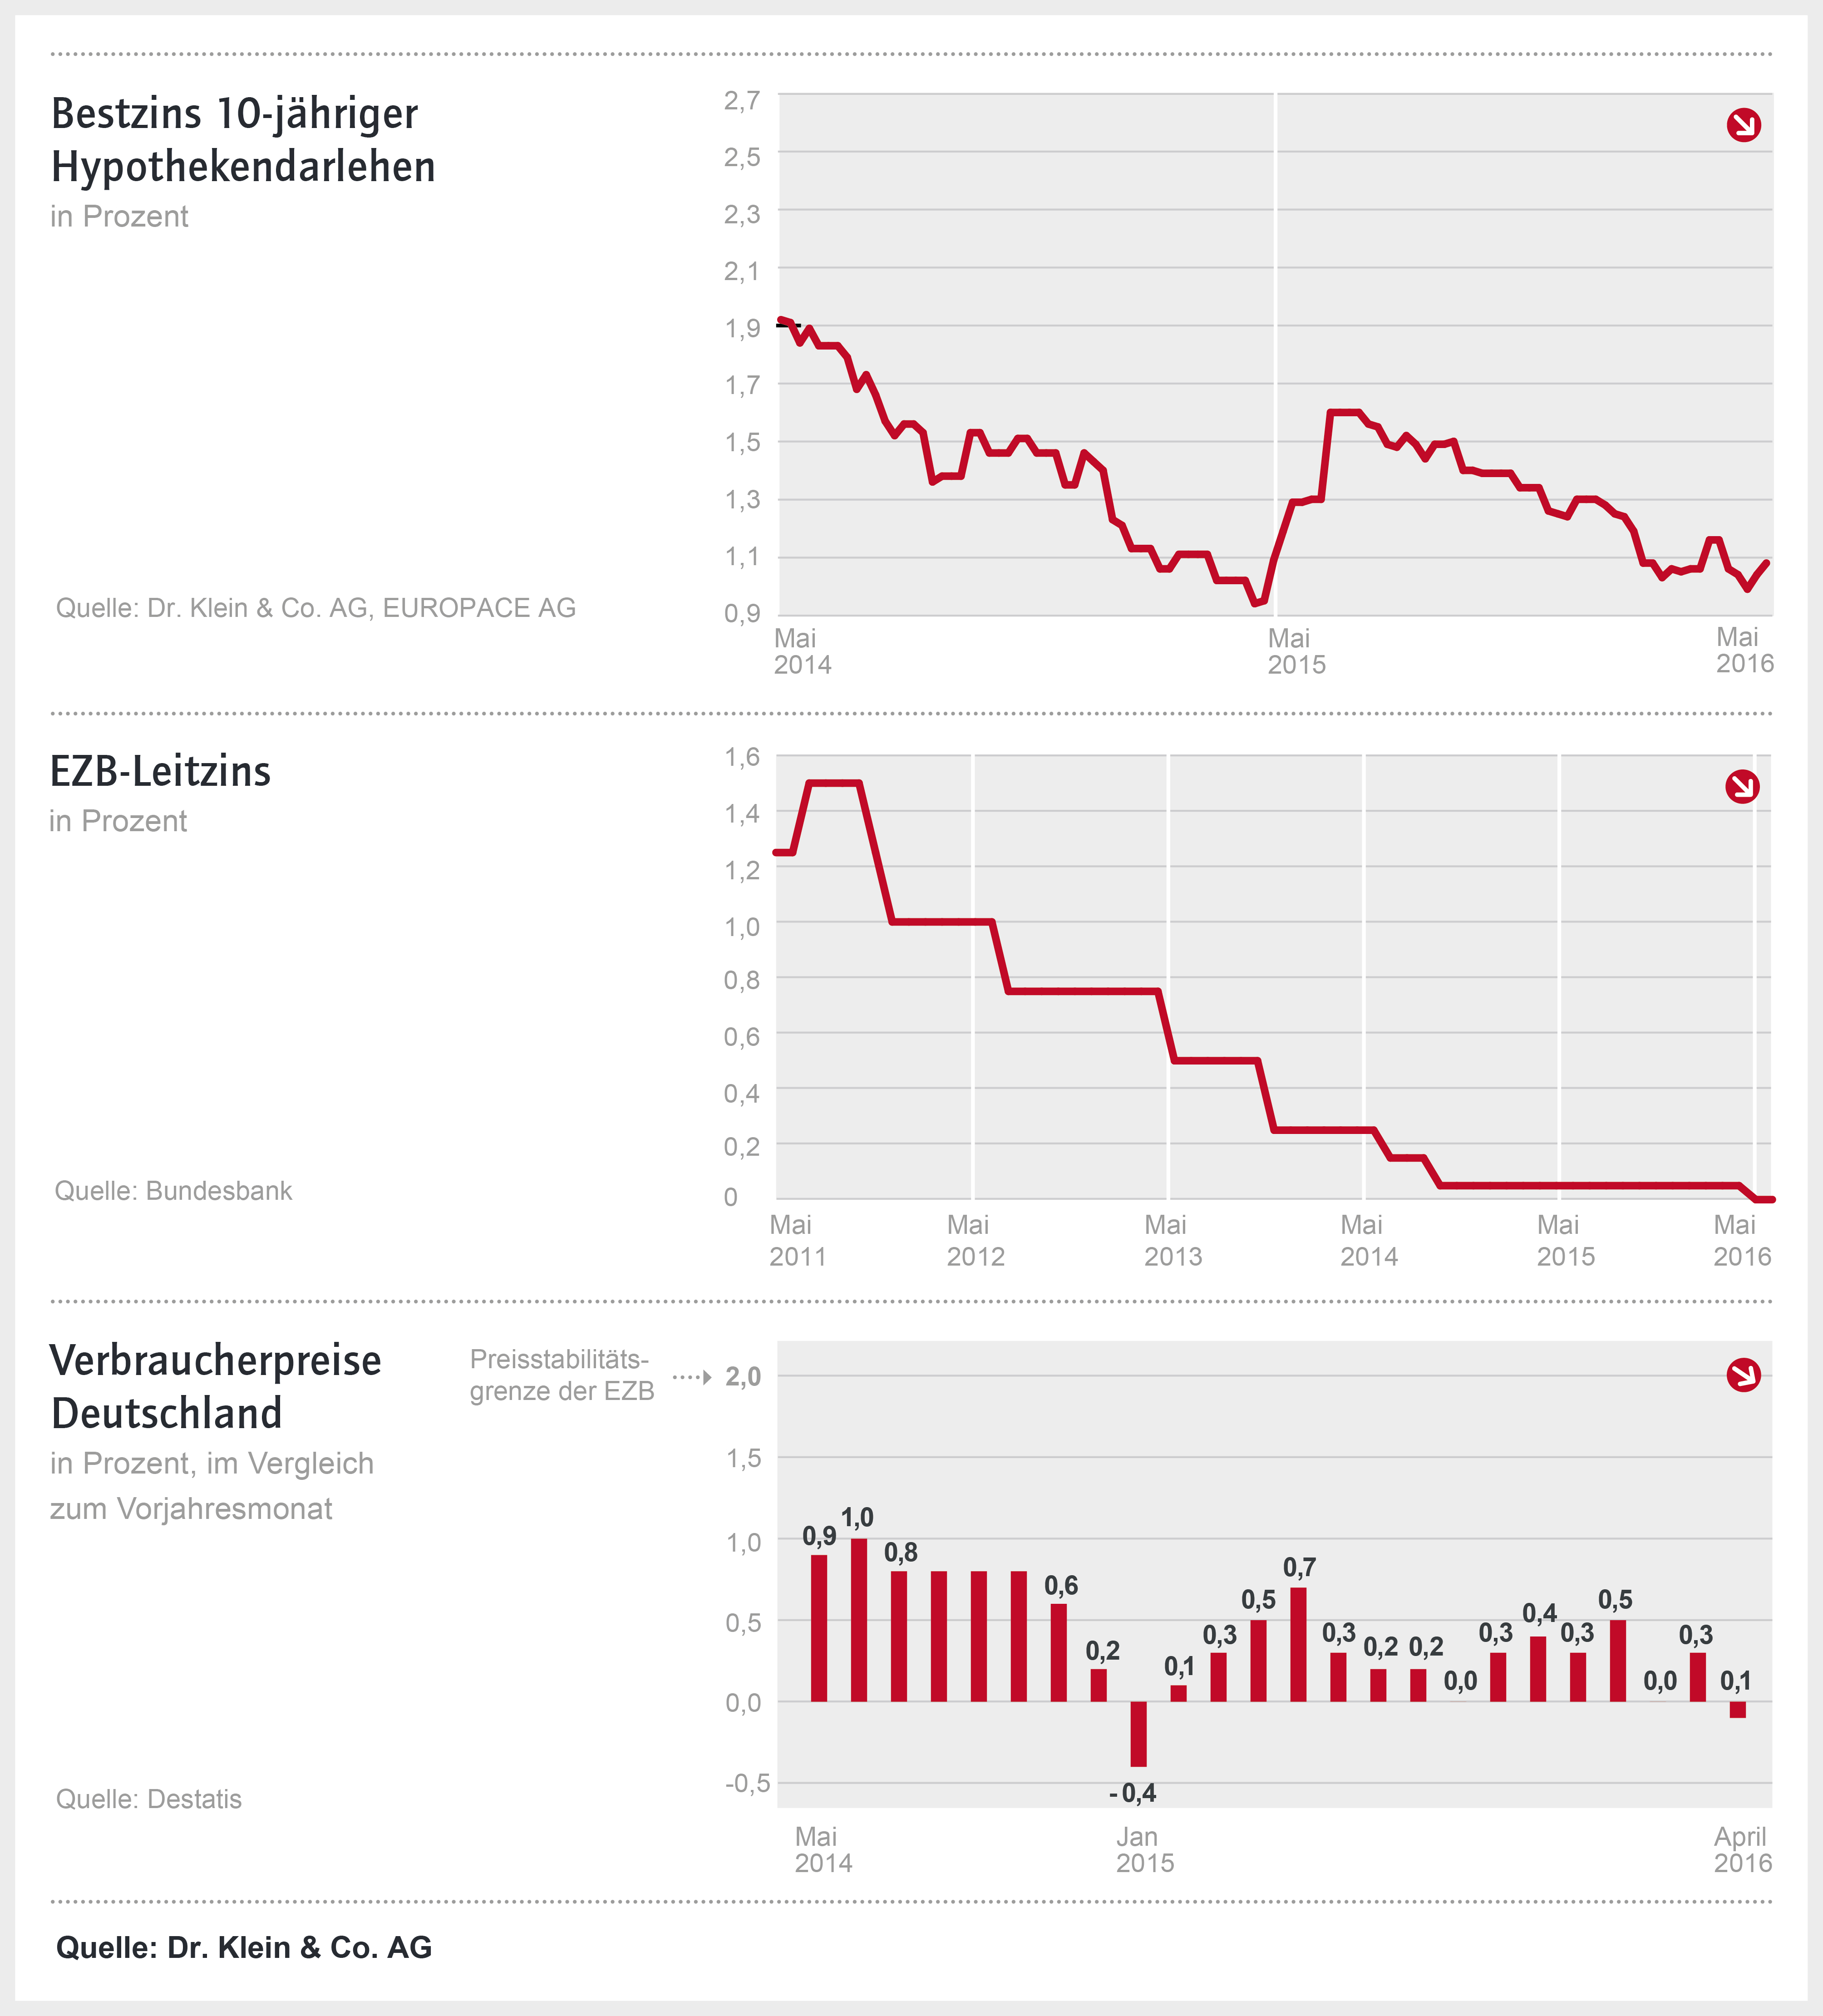 Ziko Mai 2016 in Baufinanzierungszinsen in stabiler Seitwärtsbewegung